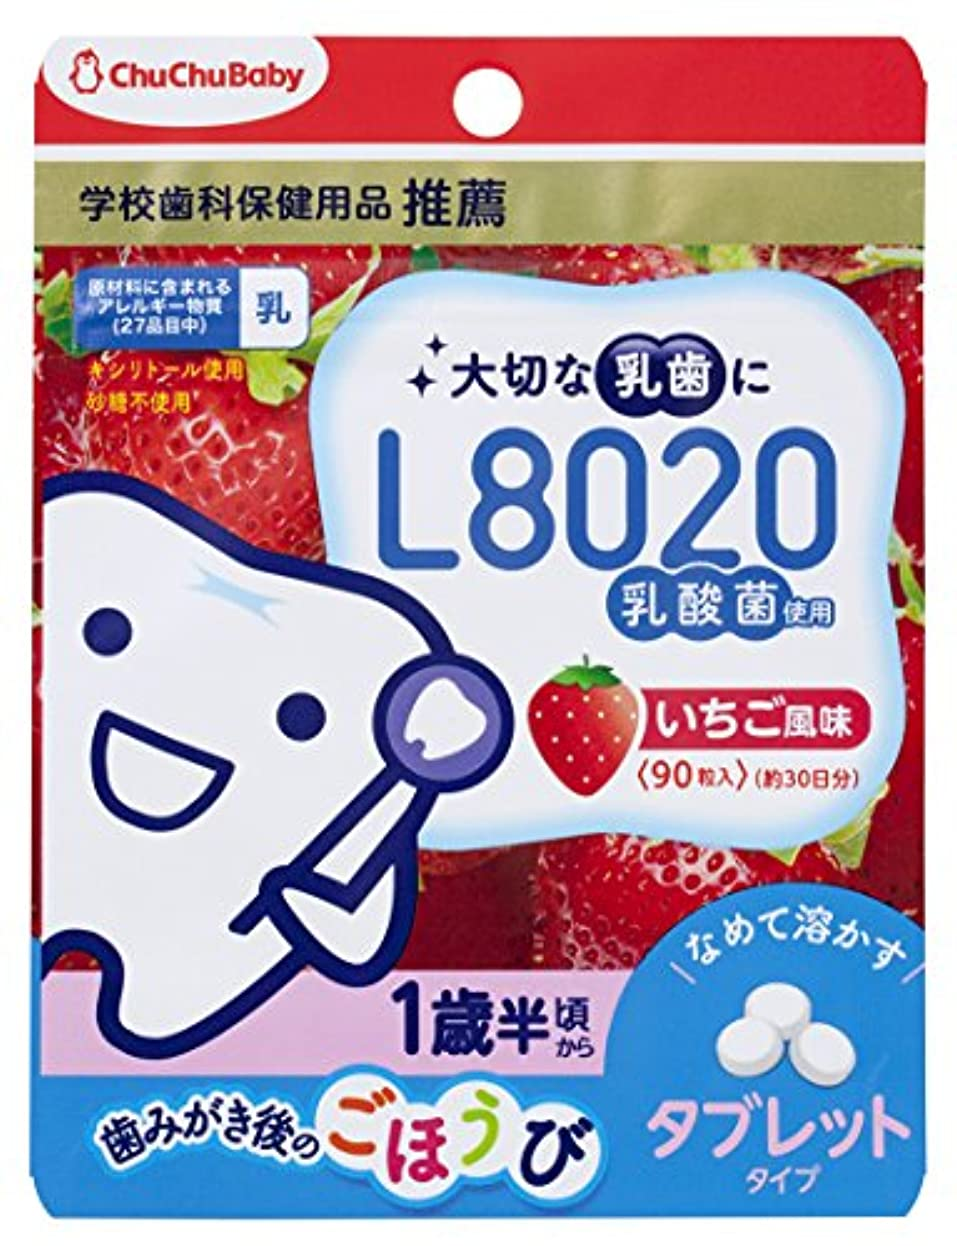 圧倒する優しい印刷するチュチュベビー L8020乳酸菌入タブレット ヨーグルトいちご風味